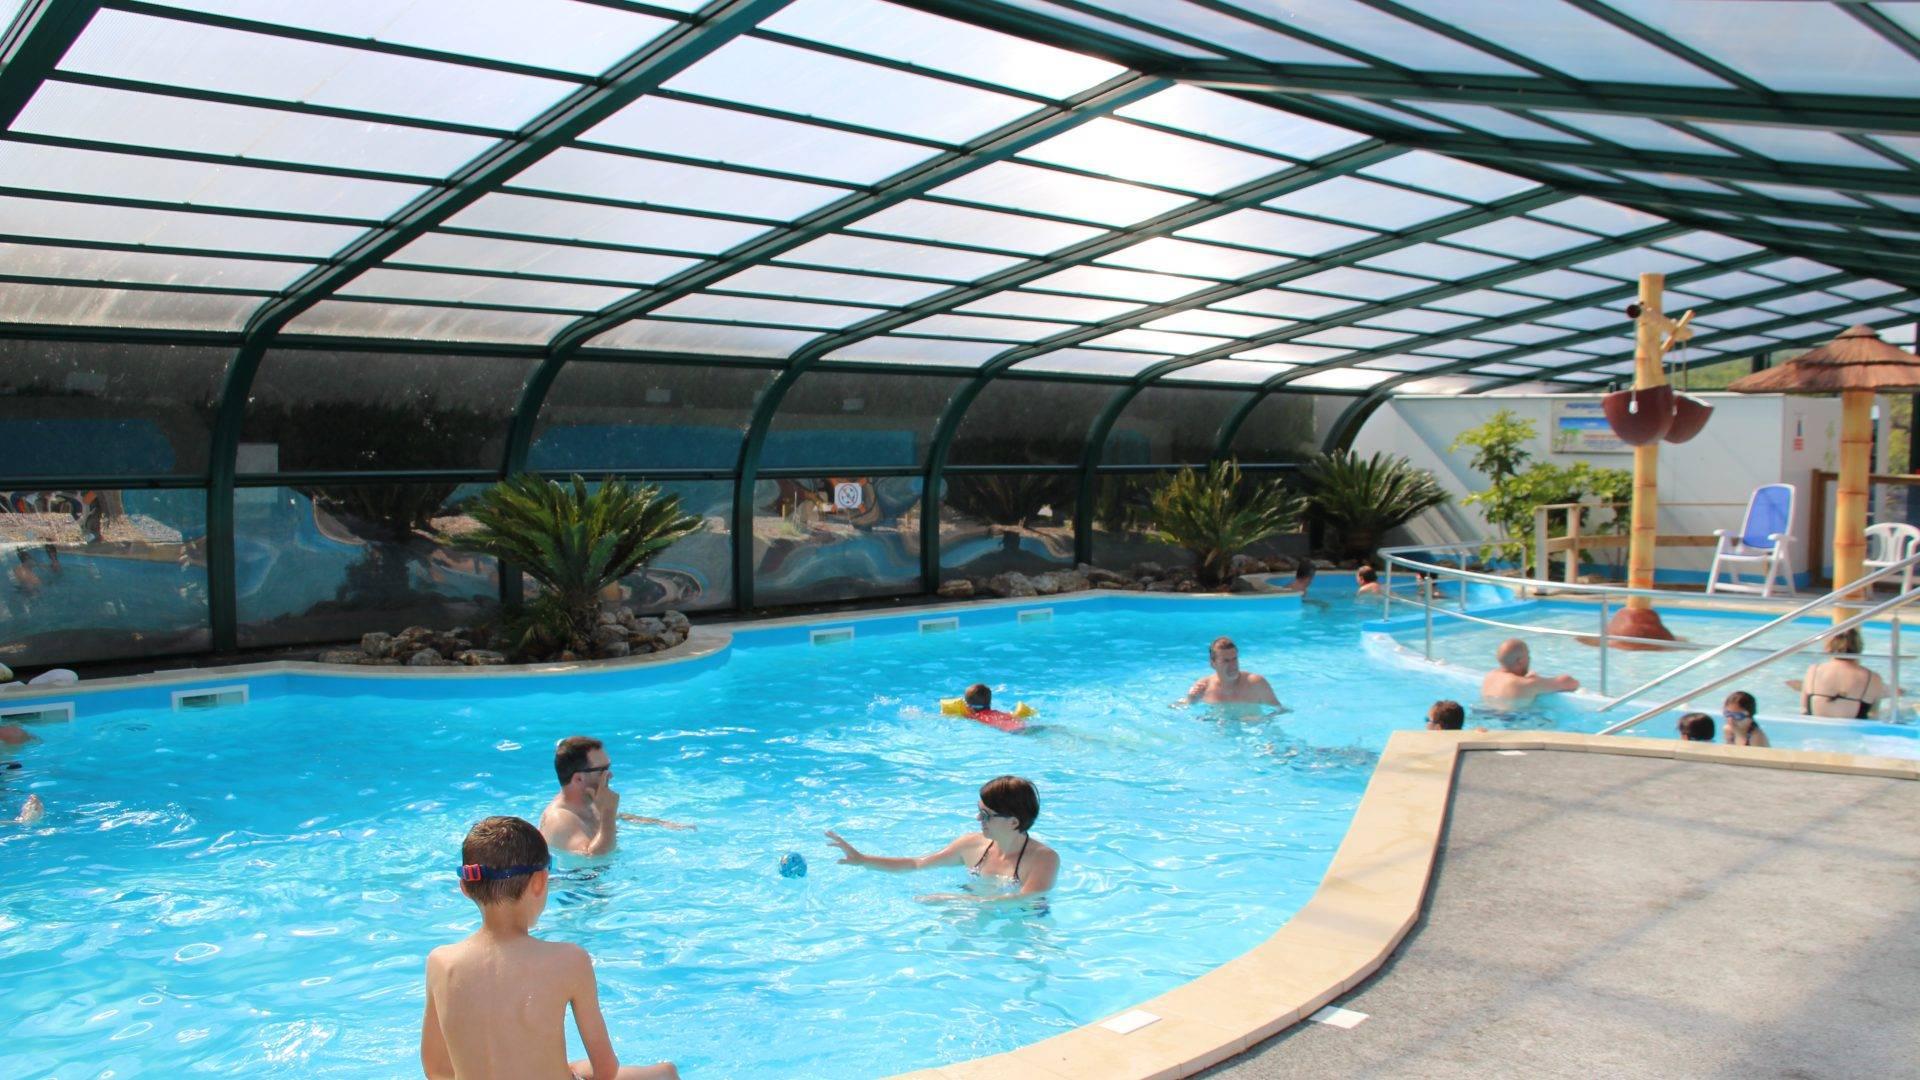 Camping En Vendée Avec Piscine Couverte - Lac Du Jaunay intérieur Camping Vendée Avec Piscine Couverte